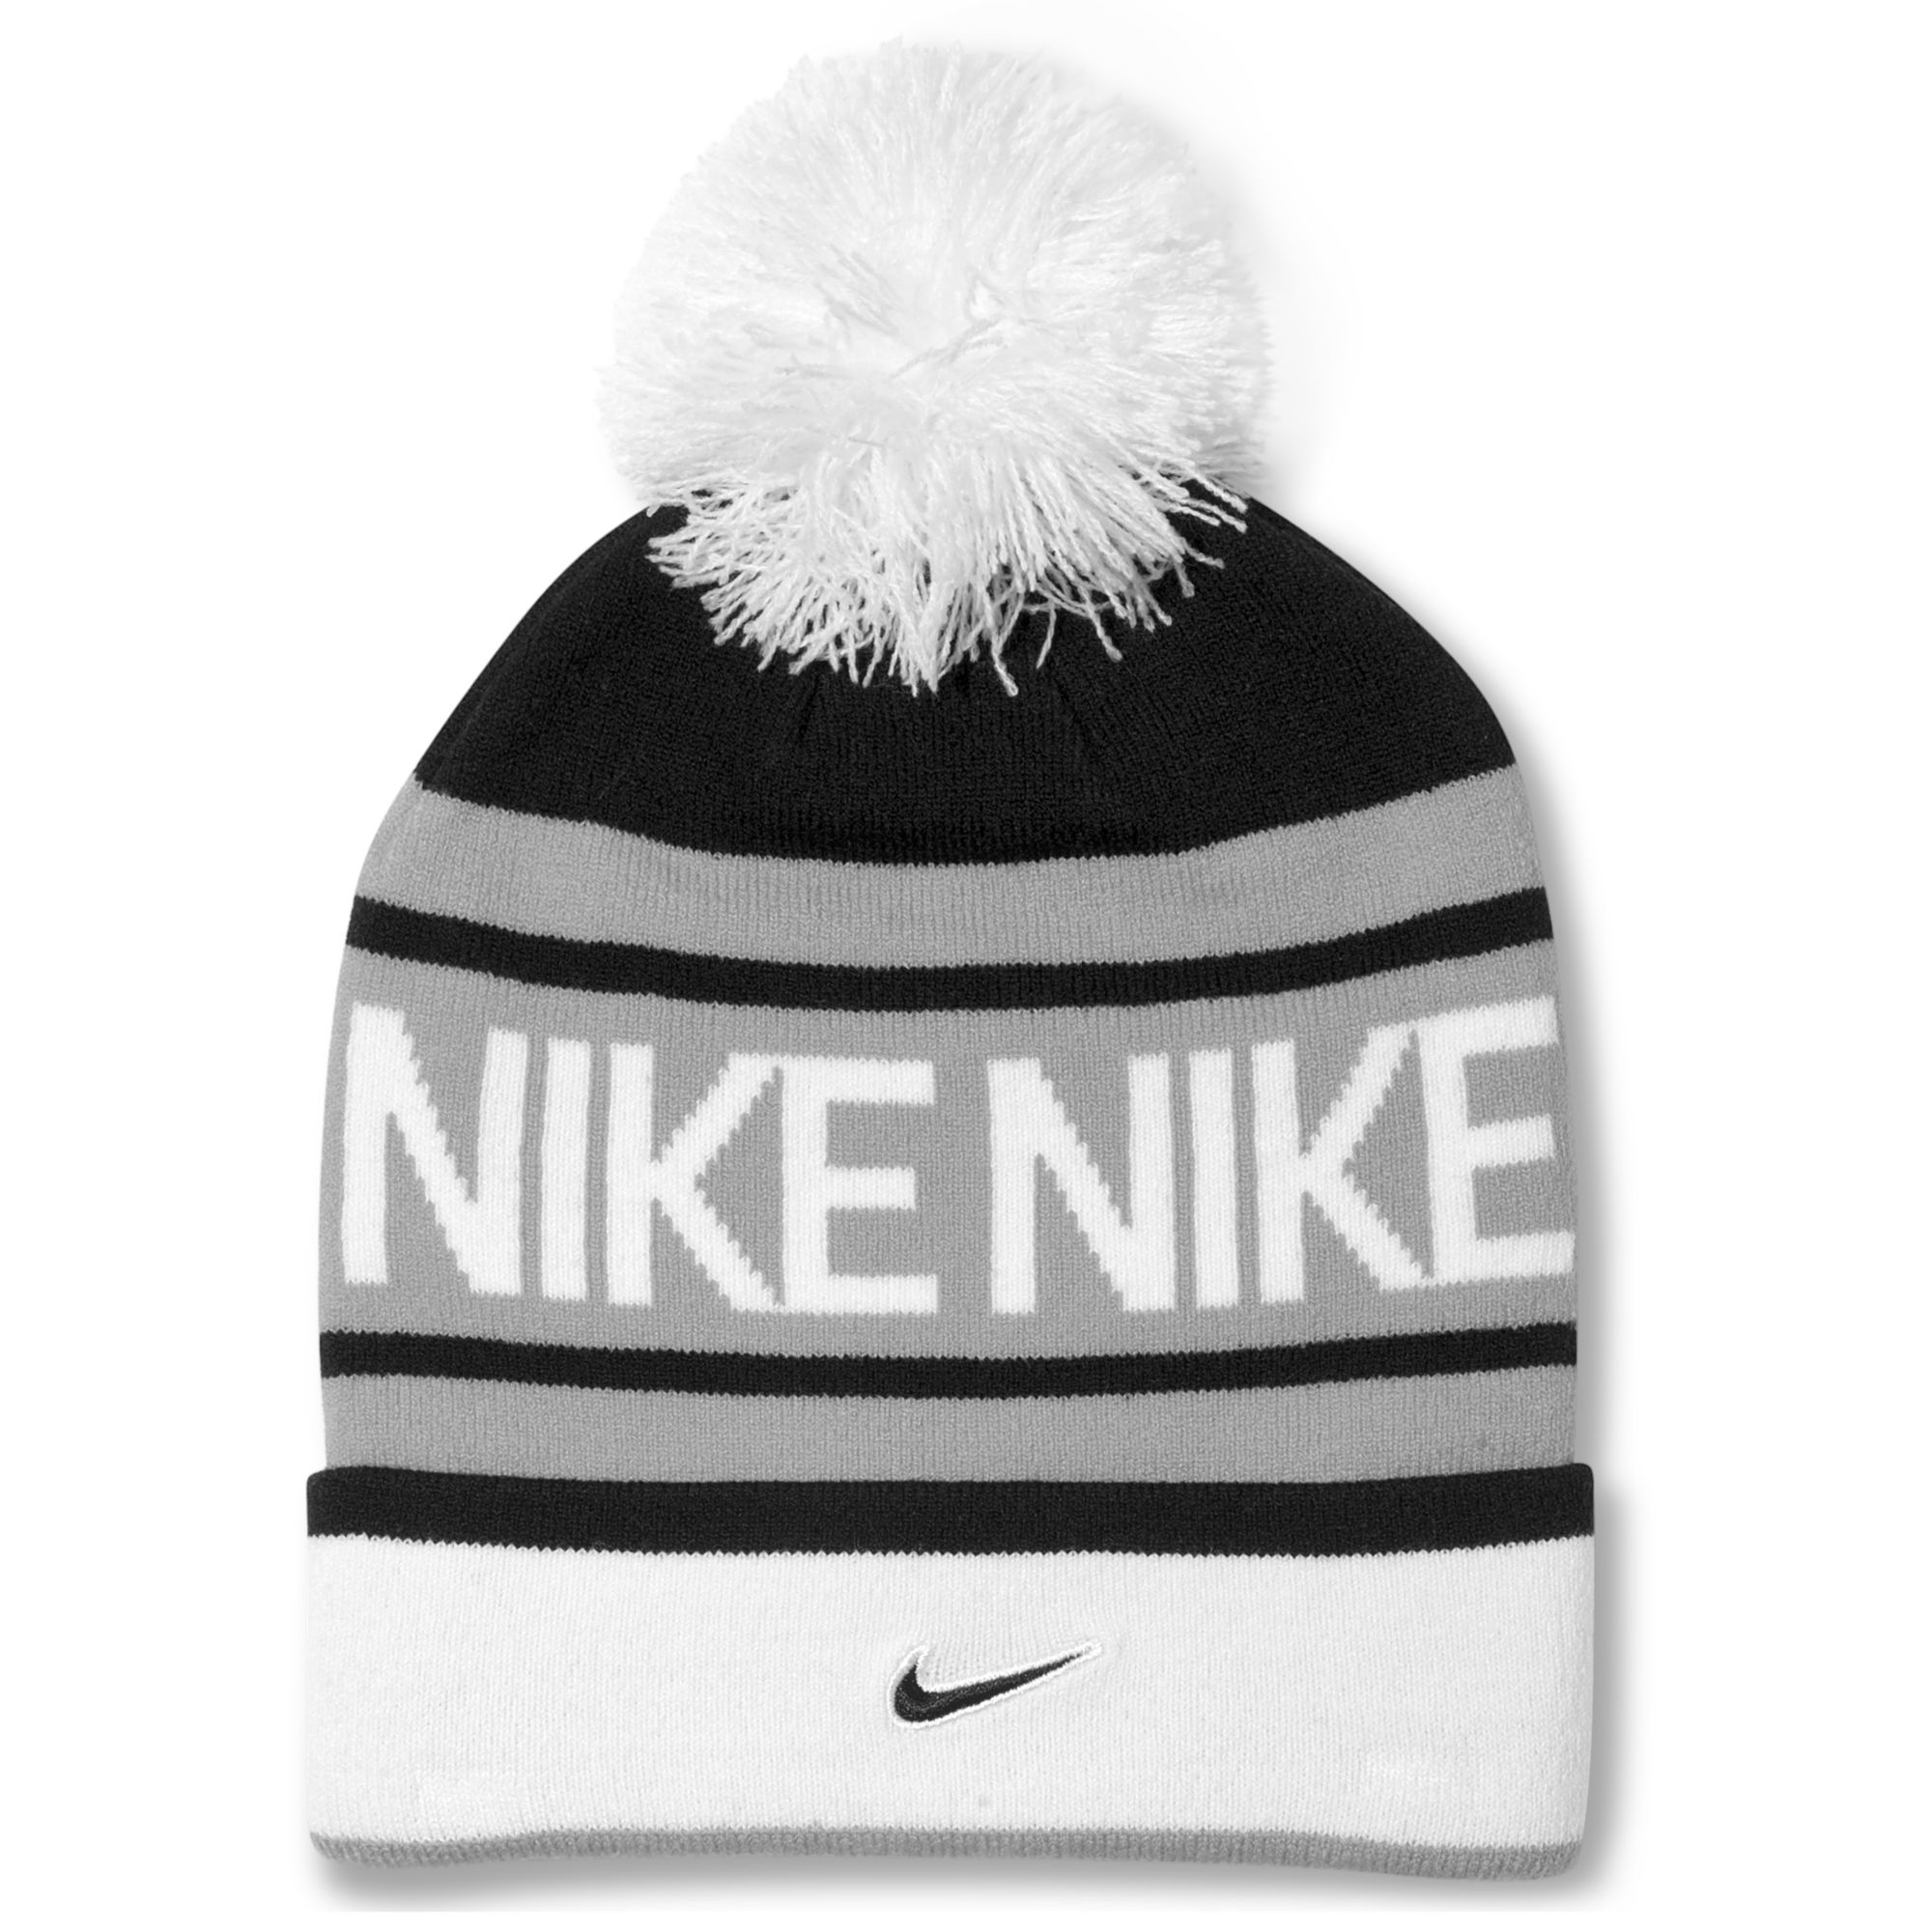 5ef499c237443 ... adidas originals mens trefoil ii knit beanie knit cap with visor 7e5af  badad  italy lyst nike pom pom beanie in black for men 5bdd8 b3cac